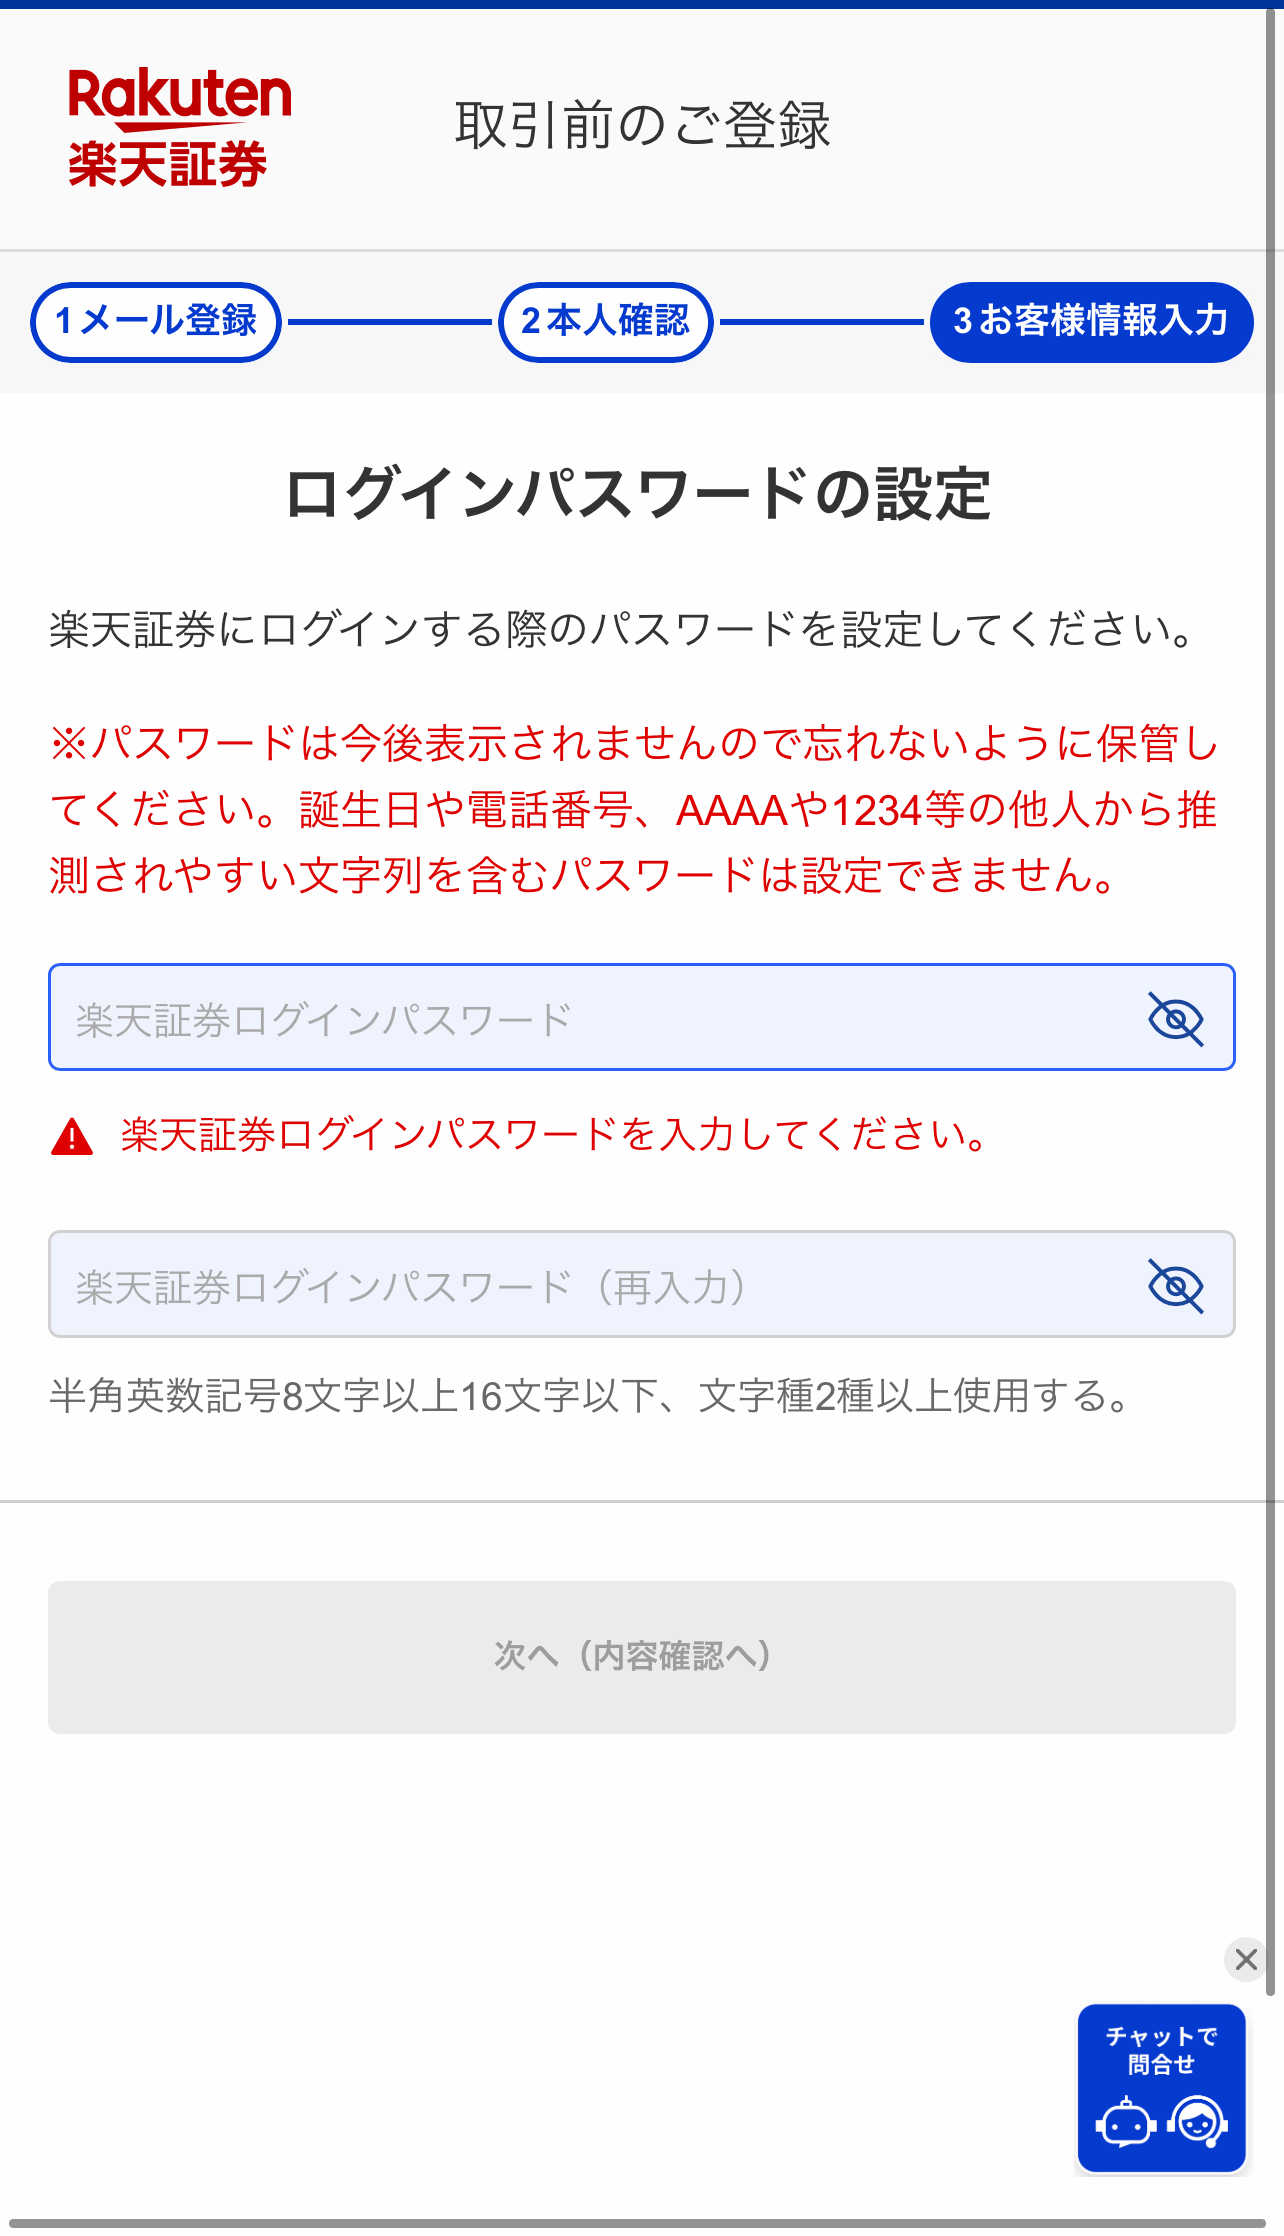 ログインパスワードの設定